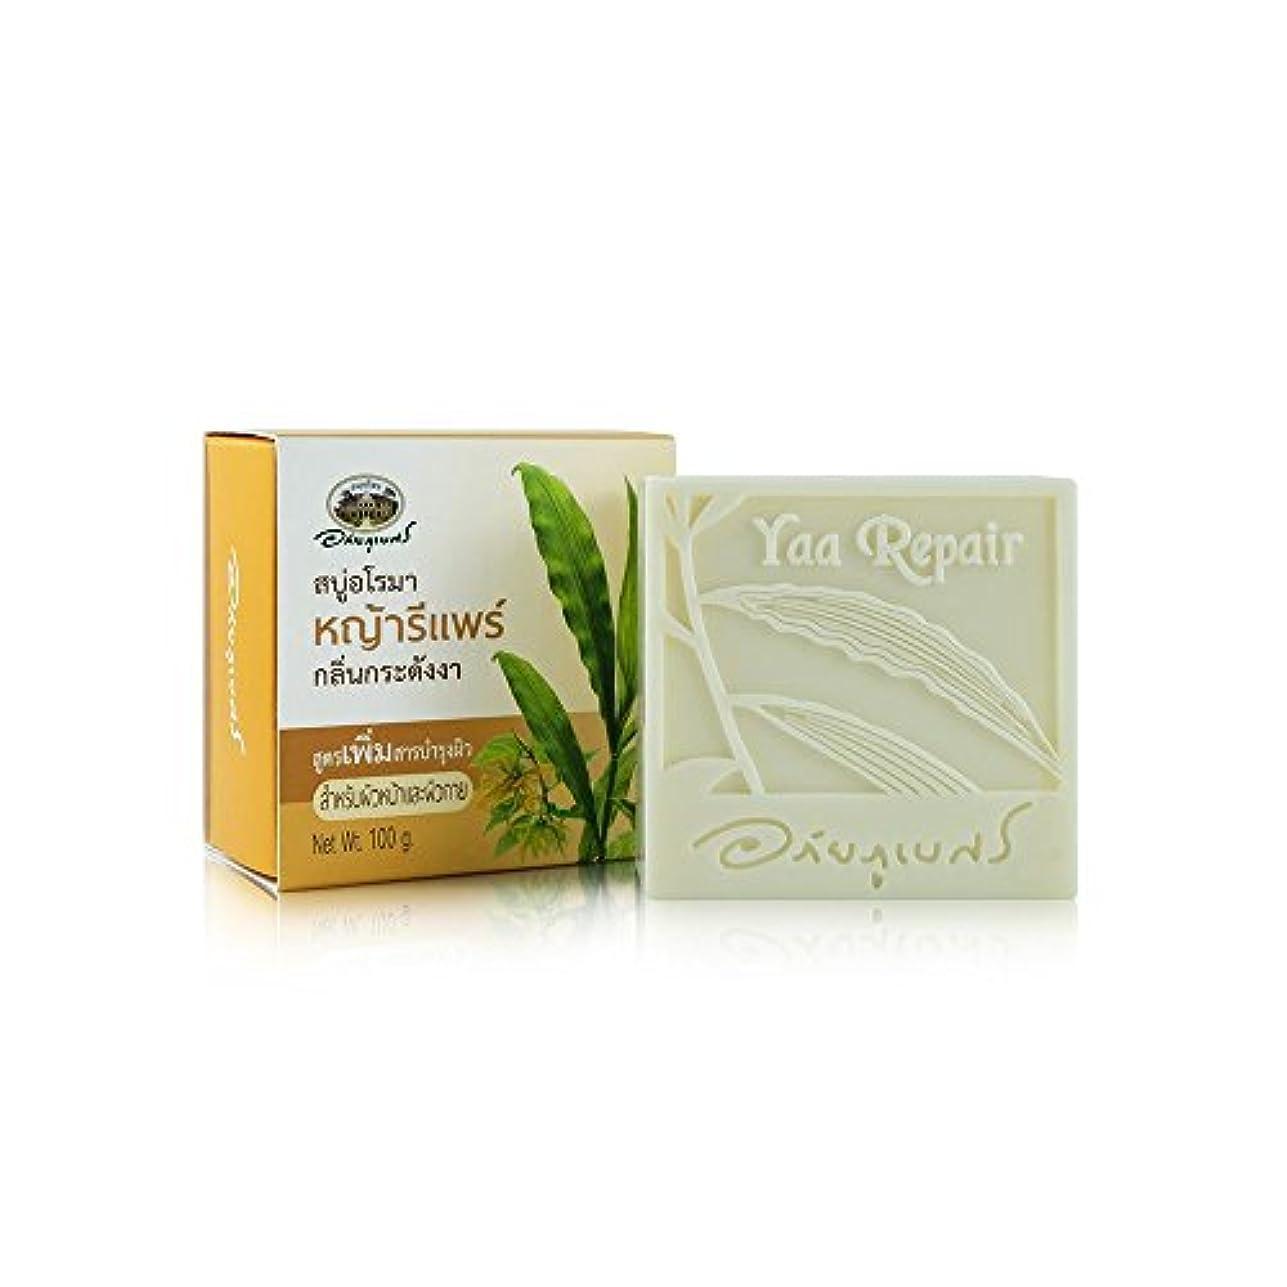 二層アンビエント円周Abhaibhubejhr Thai Aromatherapy With Ylang Ylang Skin Care Formula Herbal Body Face Cleaning Soap 100g.